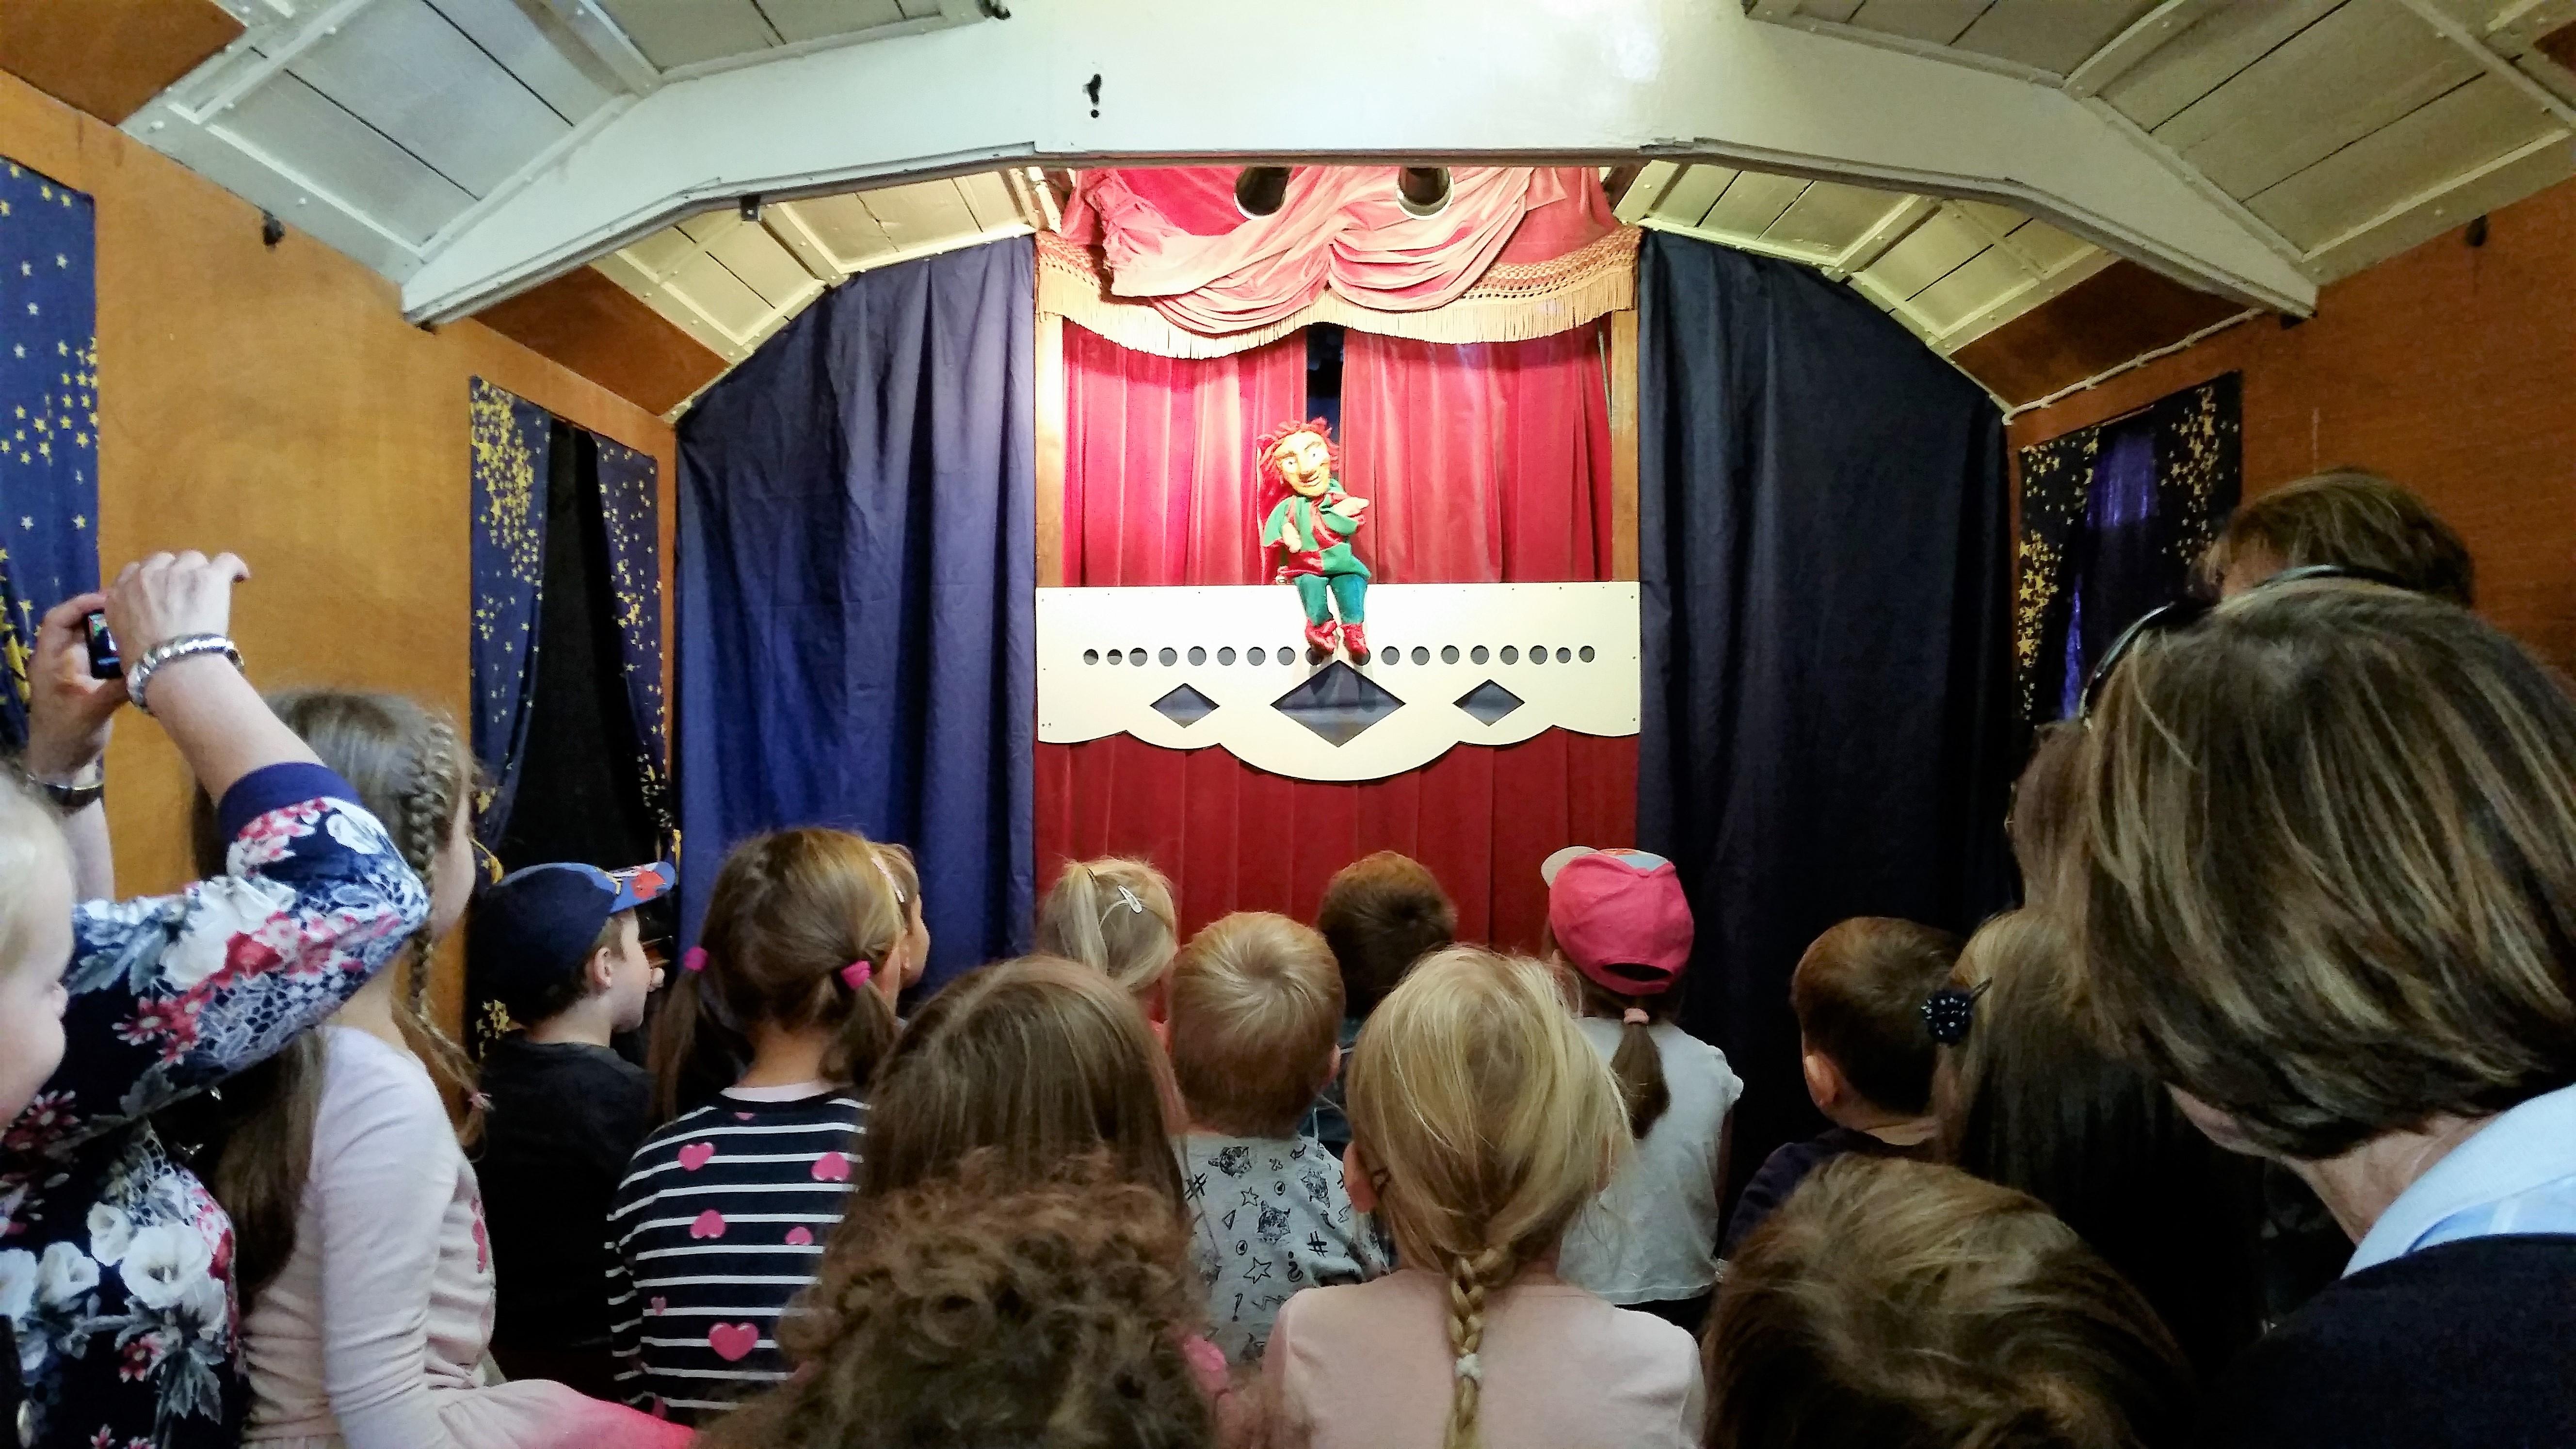 Kasper, historischer Wagen, Theater